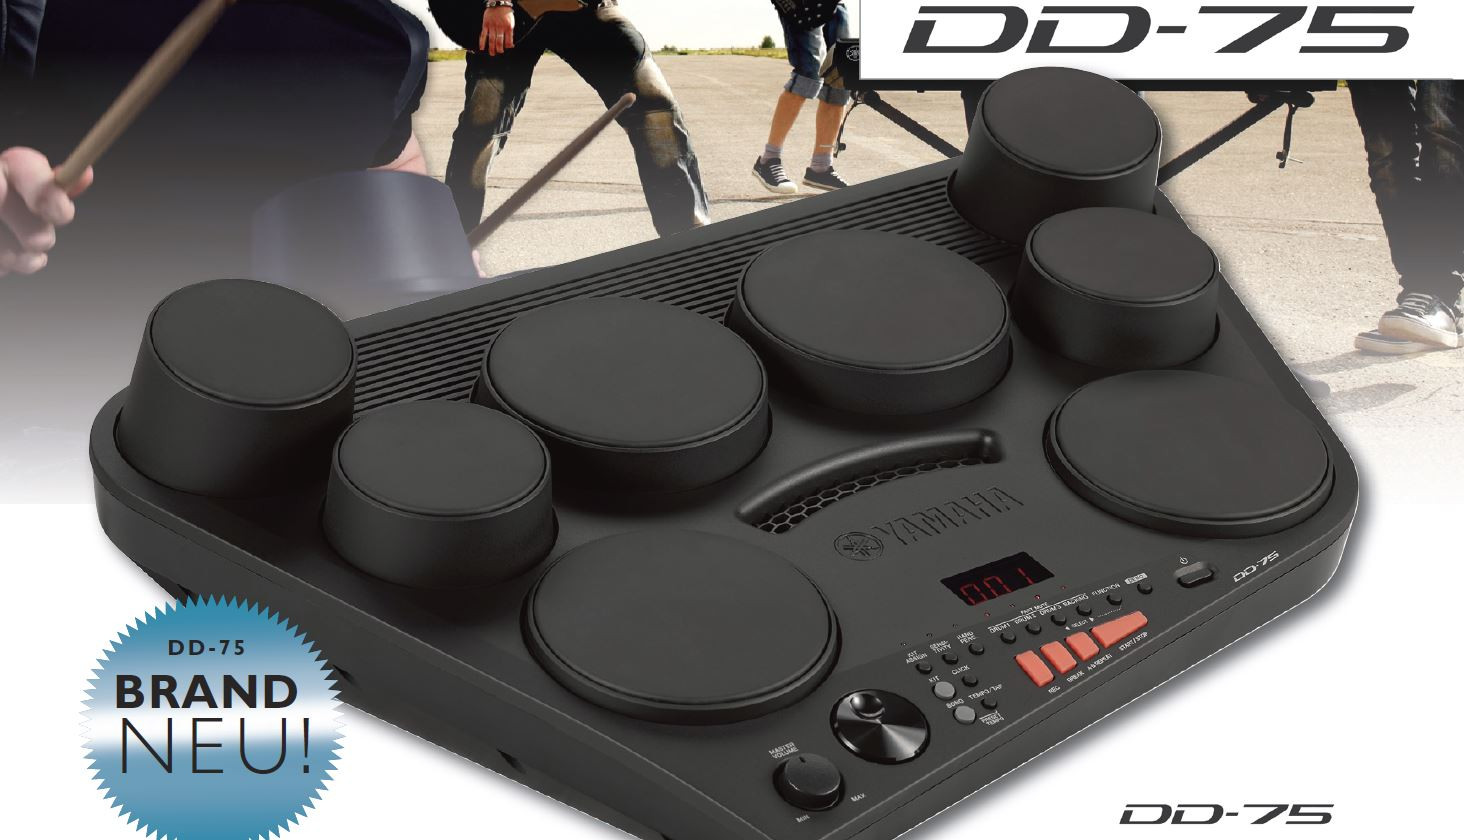 Yamaha E-Drum DD-75 Set